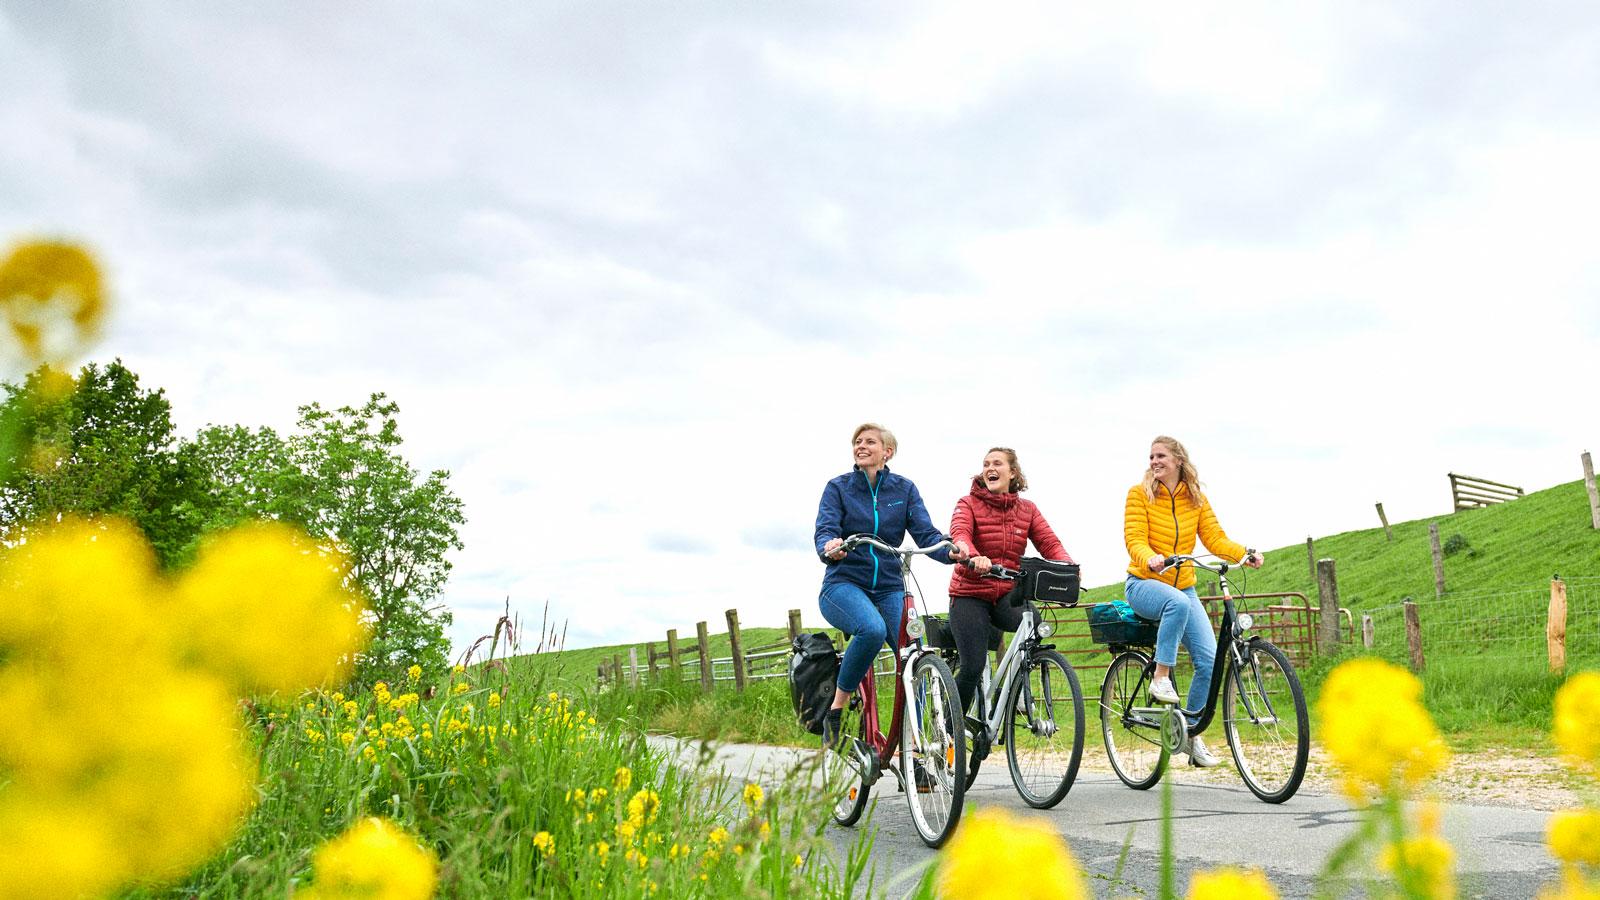 Radfahren rund um Glückstadt (c) GDM, Fotograf Kratz